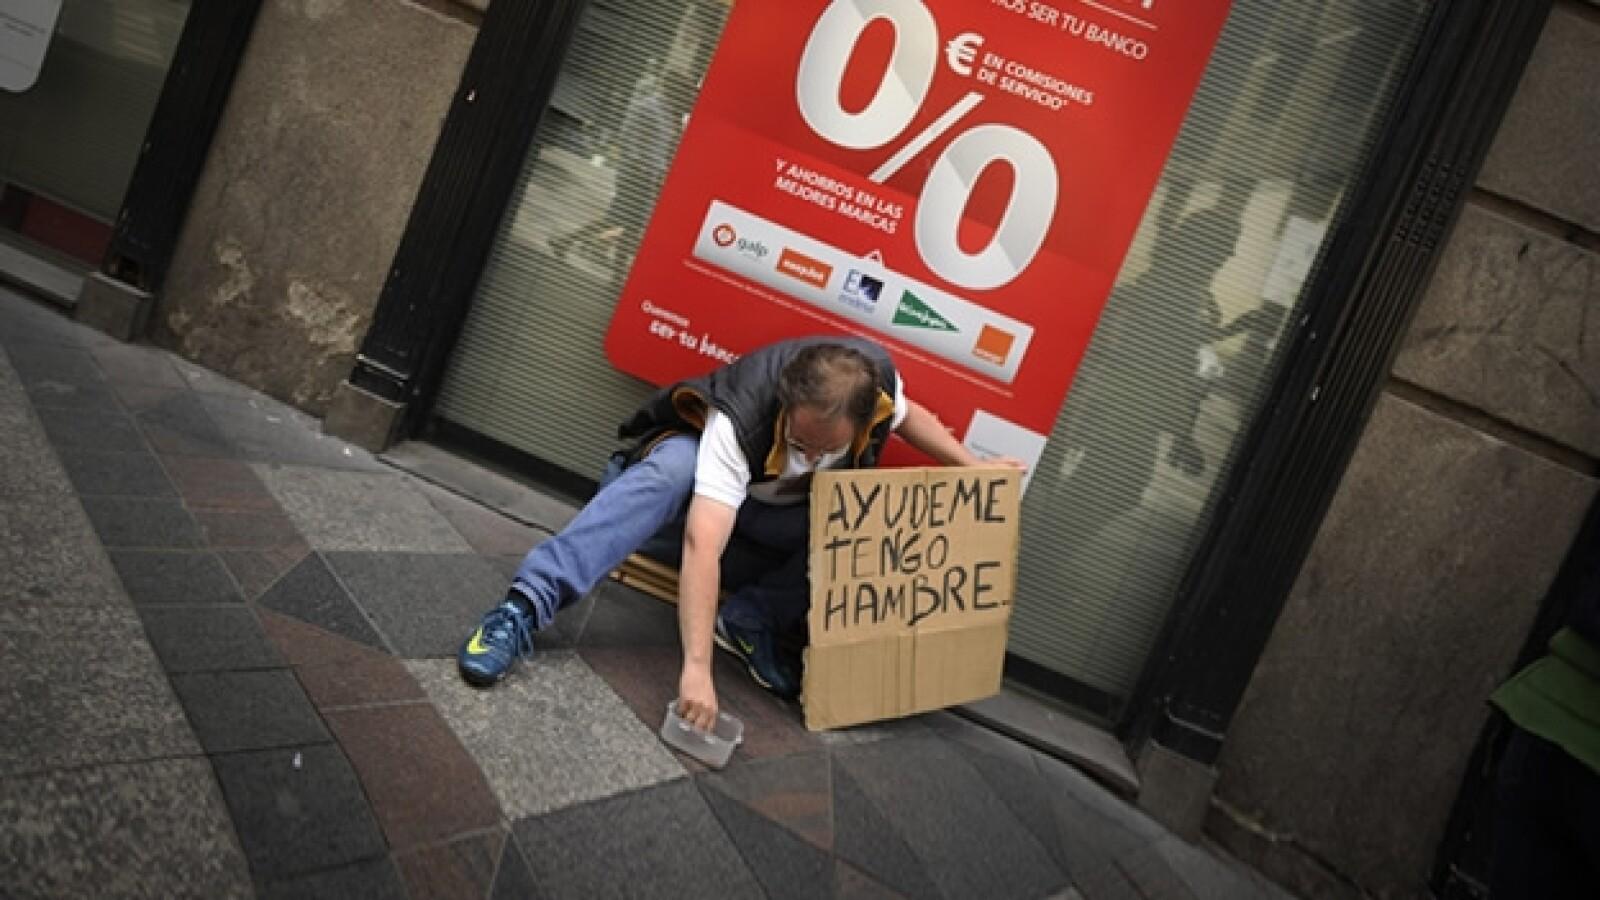 desempleo, crisis, banco, deuda, euro